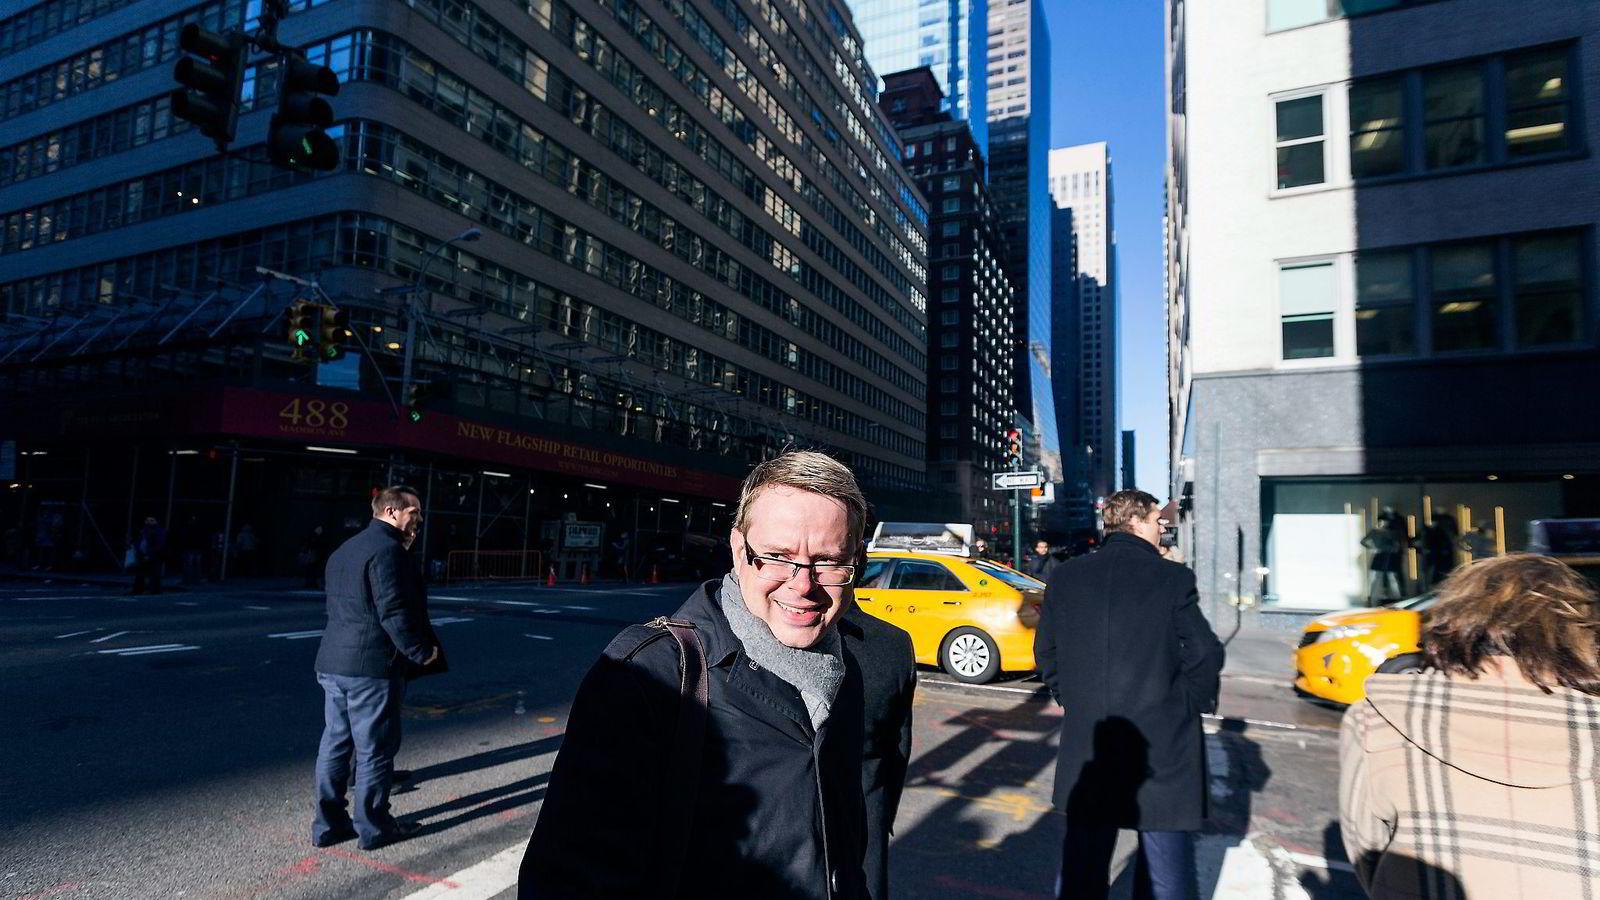 Drøye tre måneder etter at han fikk jobben, er Peter Tonstad ferdig som administrerende direktør i Aspiro, selskapet som eier Tidal og Wimp. Her i New York i forbindelse med USA-lanseringen av Tidal.